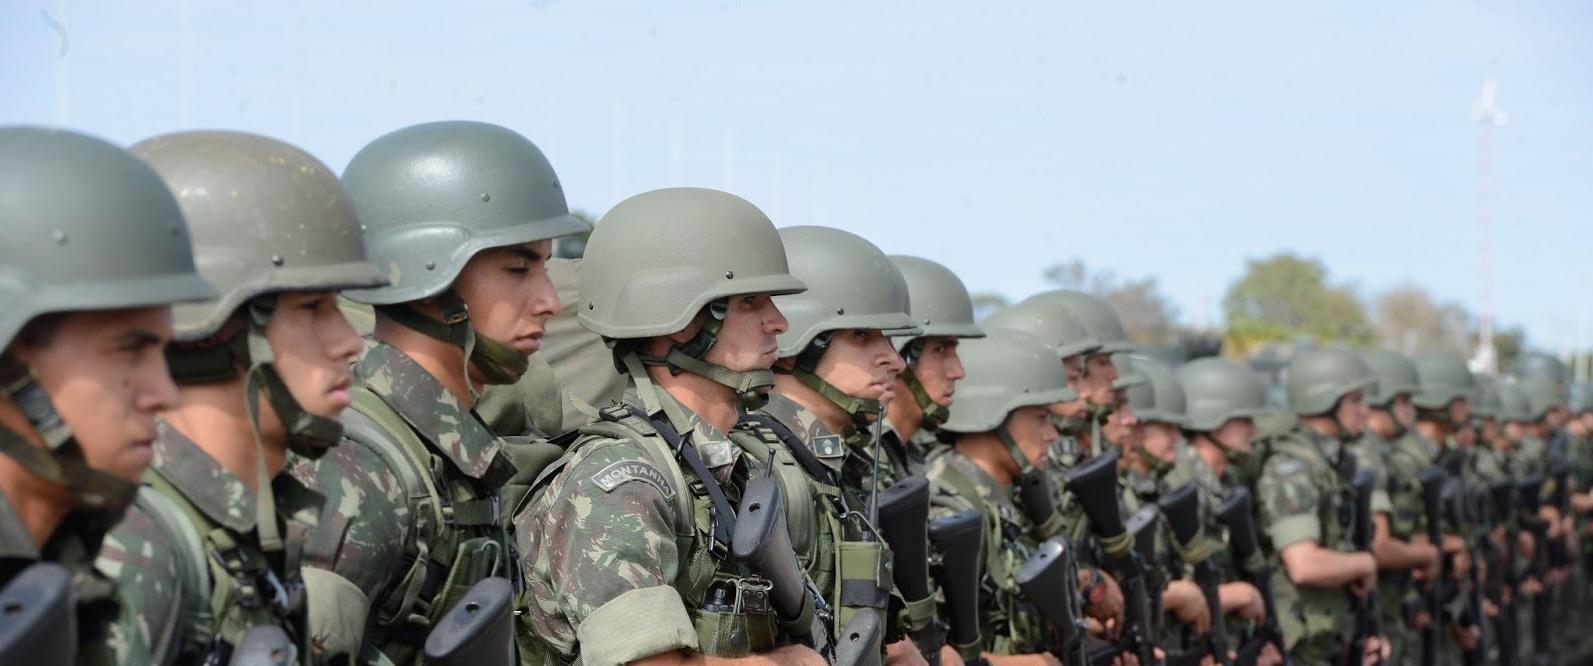 Aposentadorias de militares e servidores vão gerar déficit de R$ 90 bi